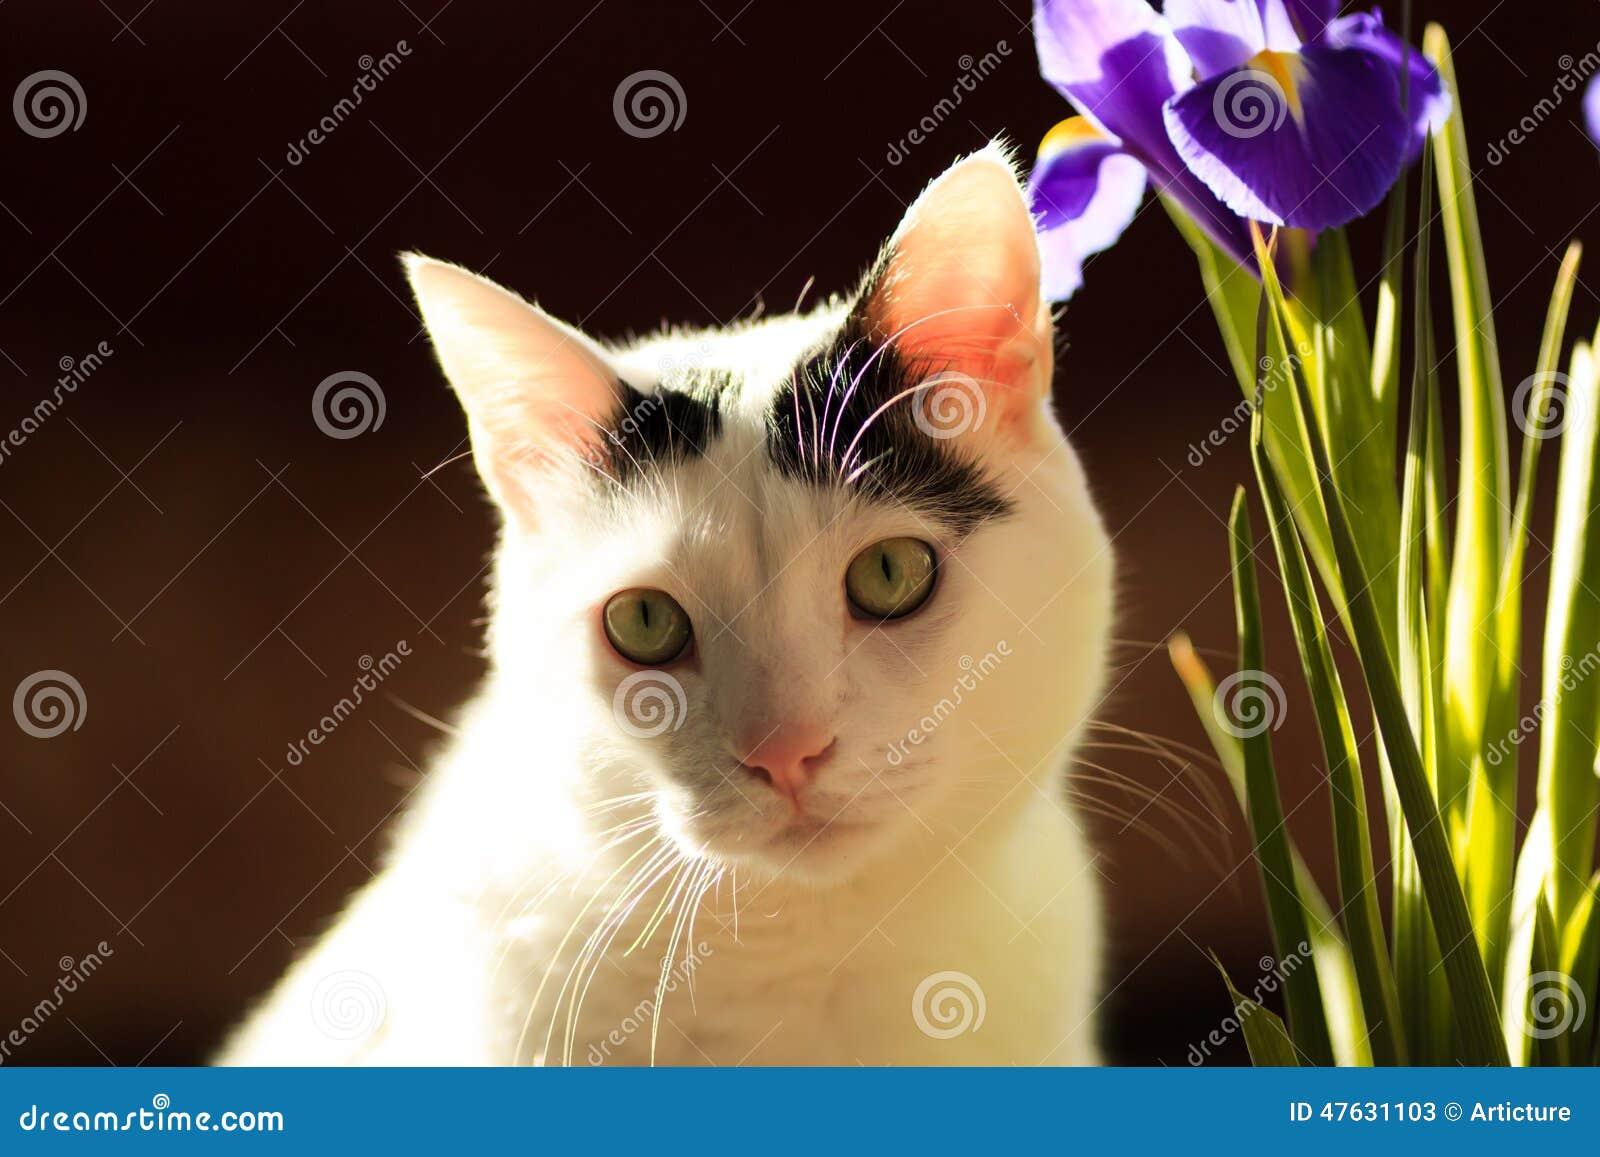 Turco Van Cat